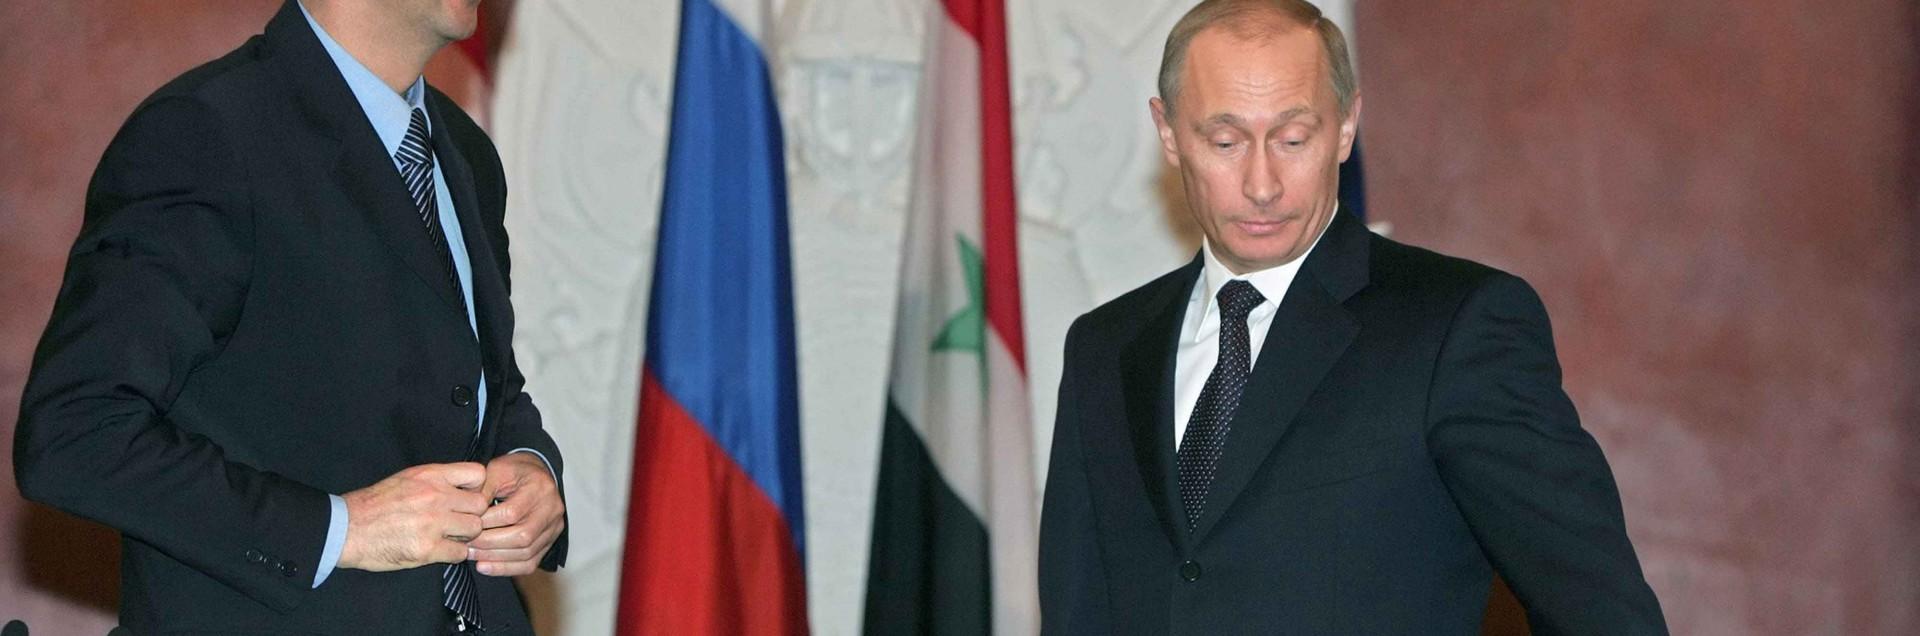 """La promessa di Putin: """"Assad non perderà"""""""